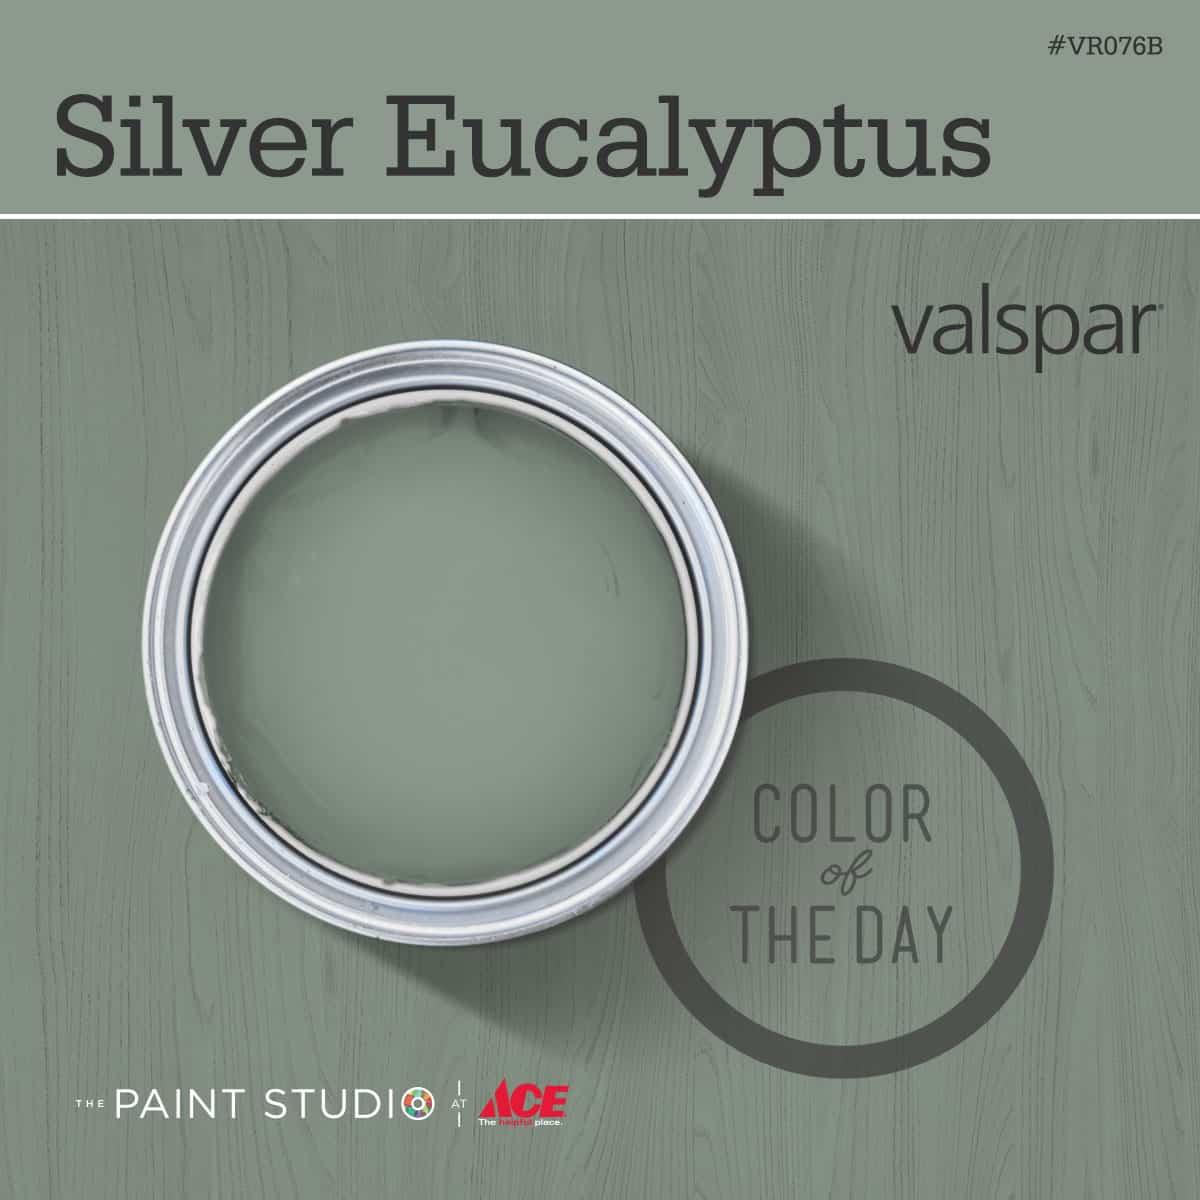 26Silver_Eucalyptus_1200x1200